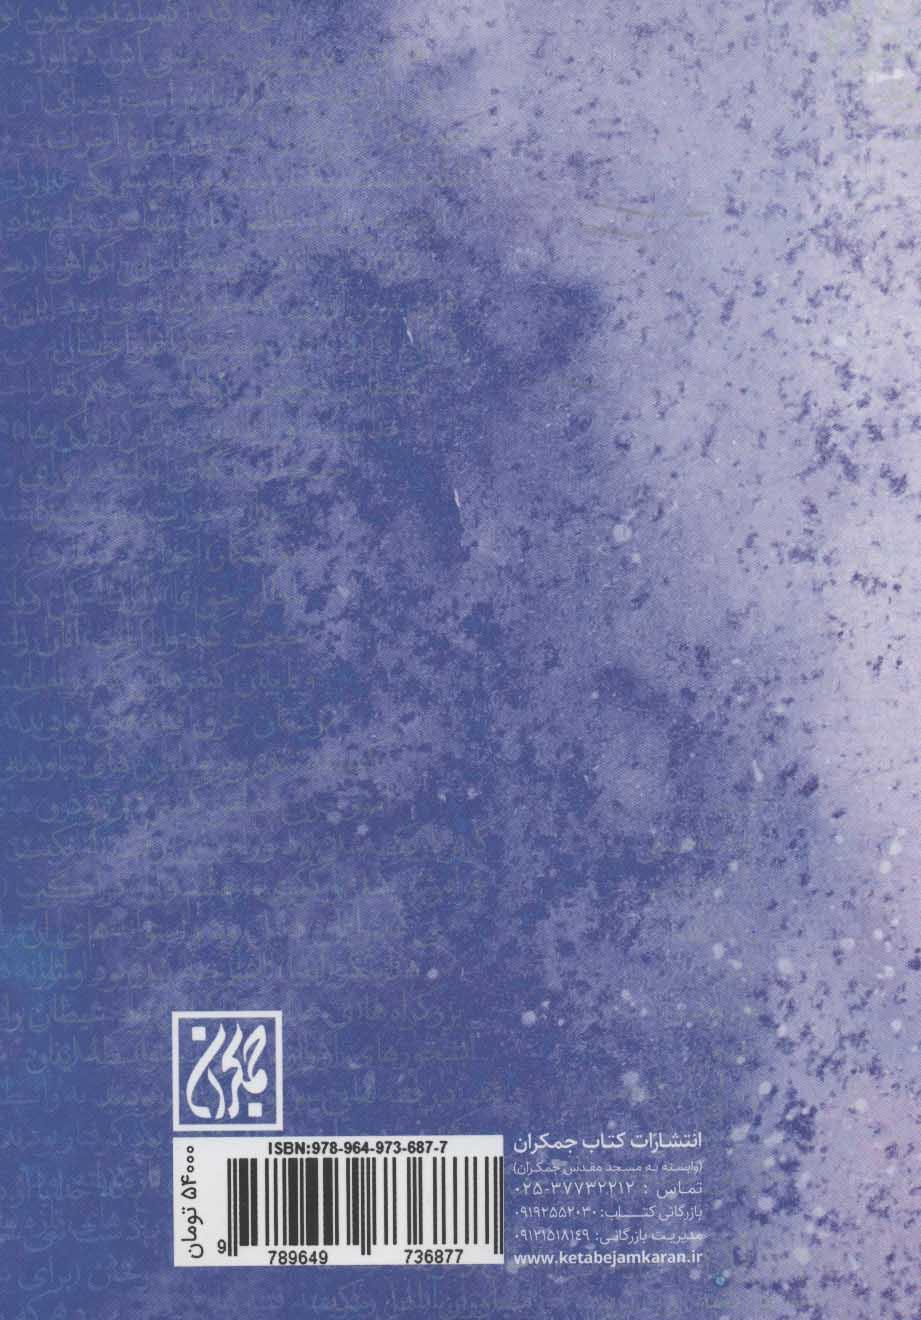 بر شانه های اقیانوس (نهج البلاغه جوان 1)